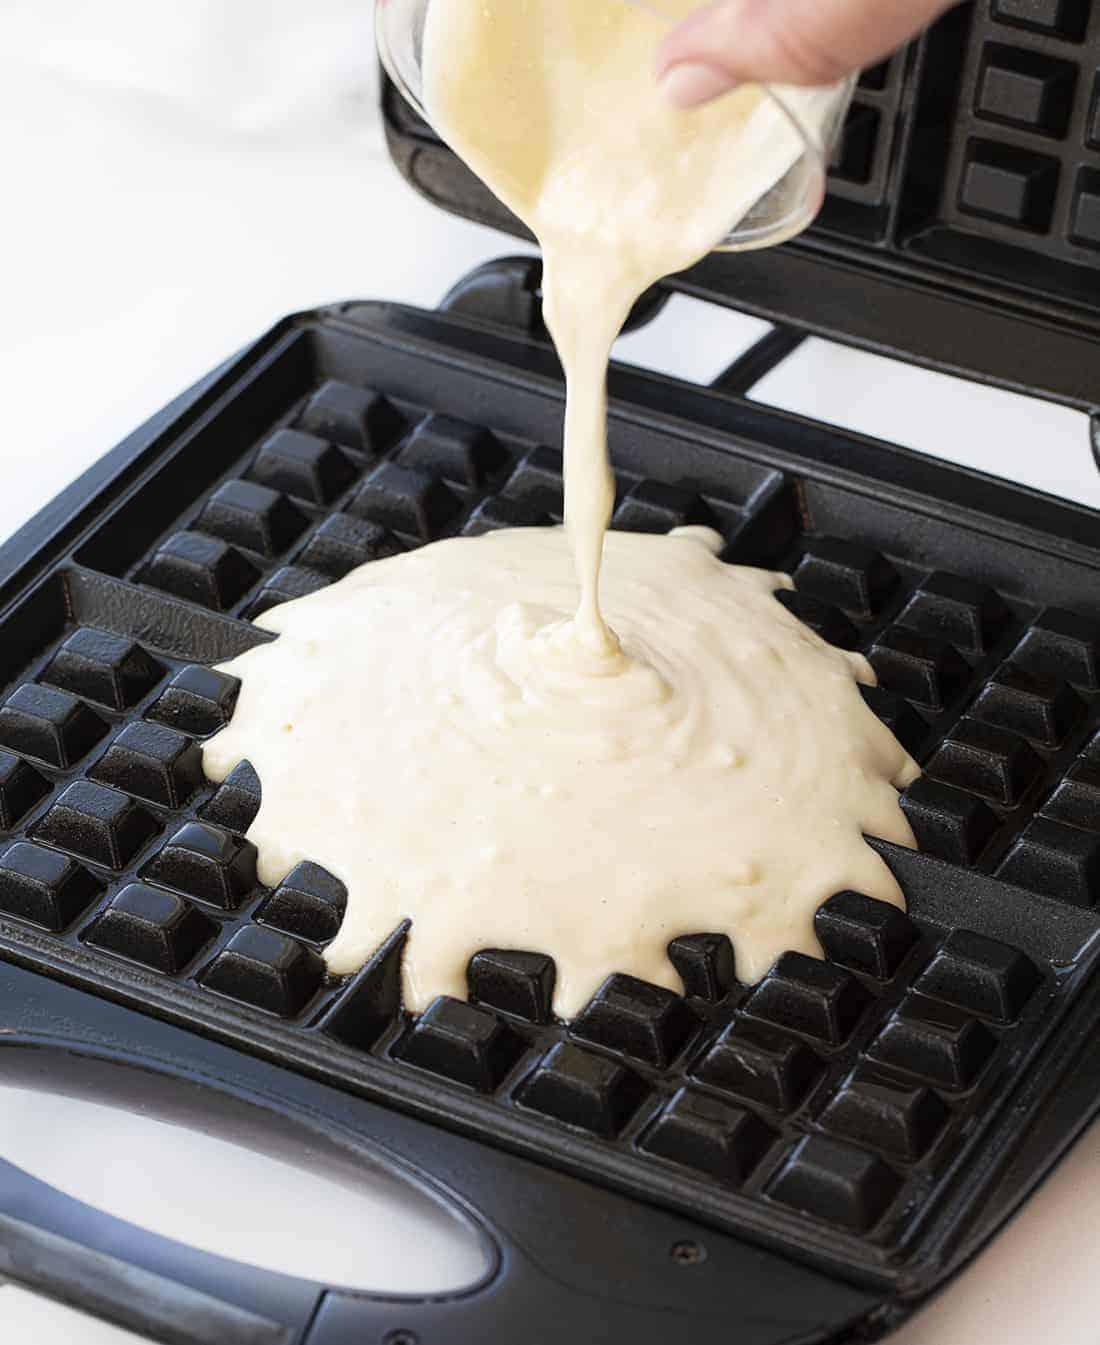 Pouring Waffle Batter on Waffle Iron